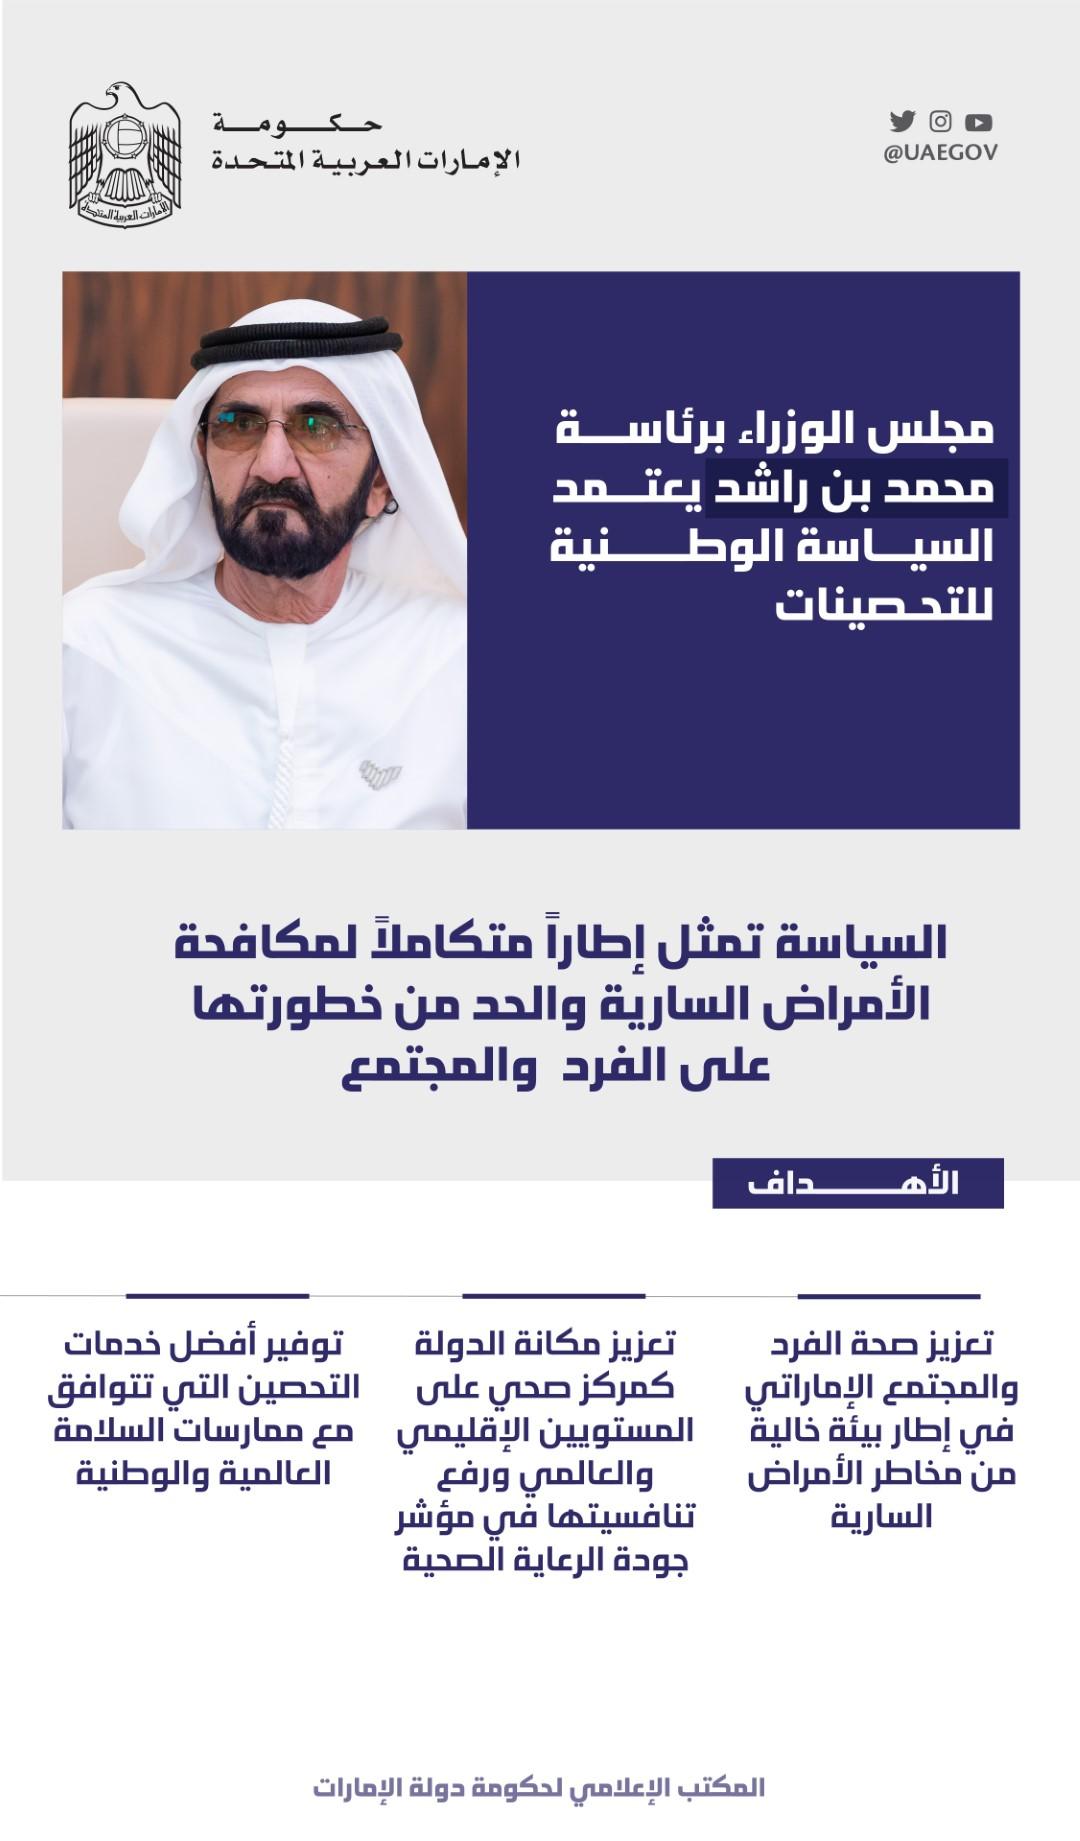 مجلس الوزراء يعتمد السياسة الوطنية للتحصينات